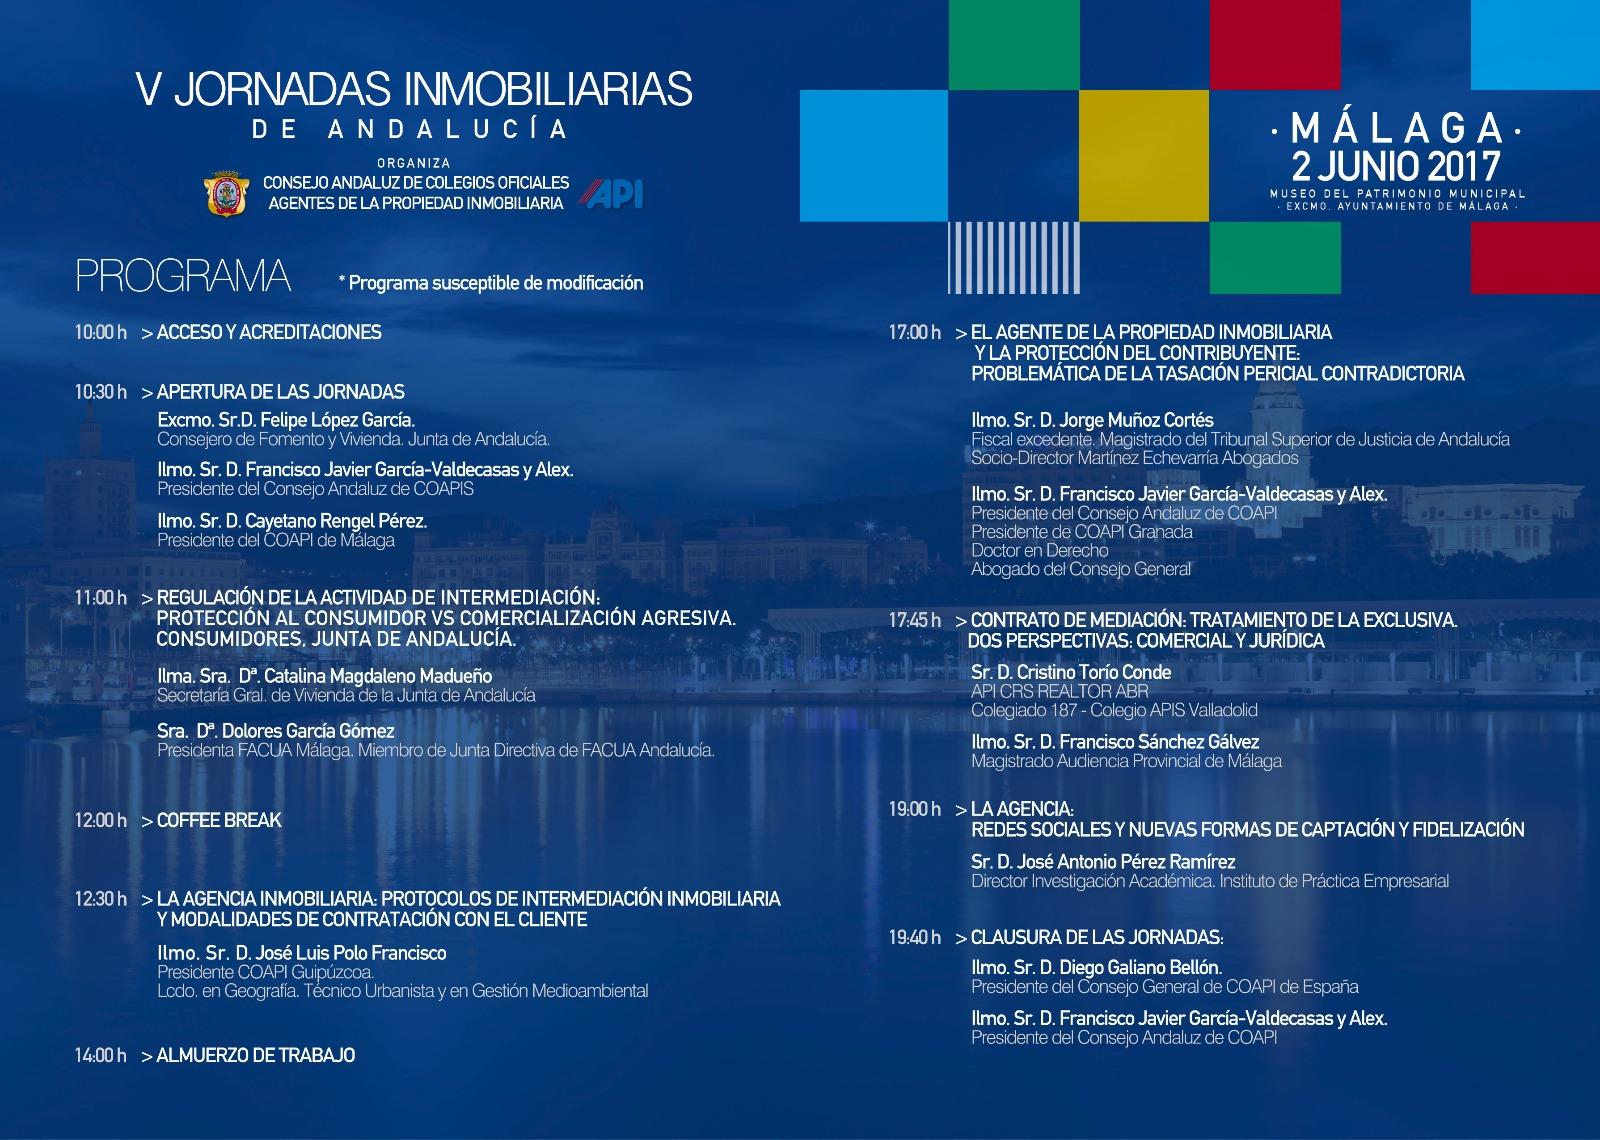 Programa de las v jornadas inmobiliarias de andalucia - Inmobiliaria la paz malaga ...